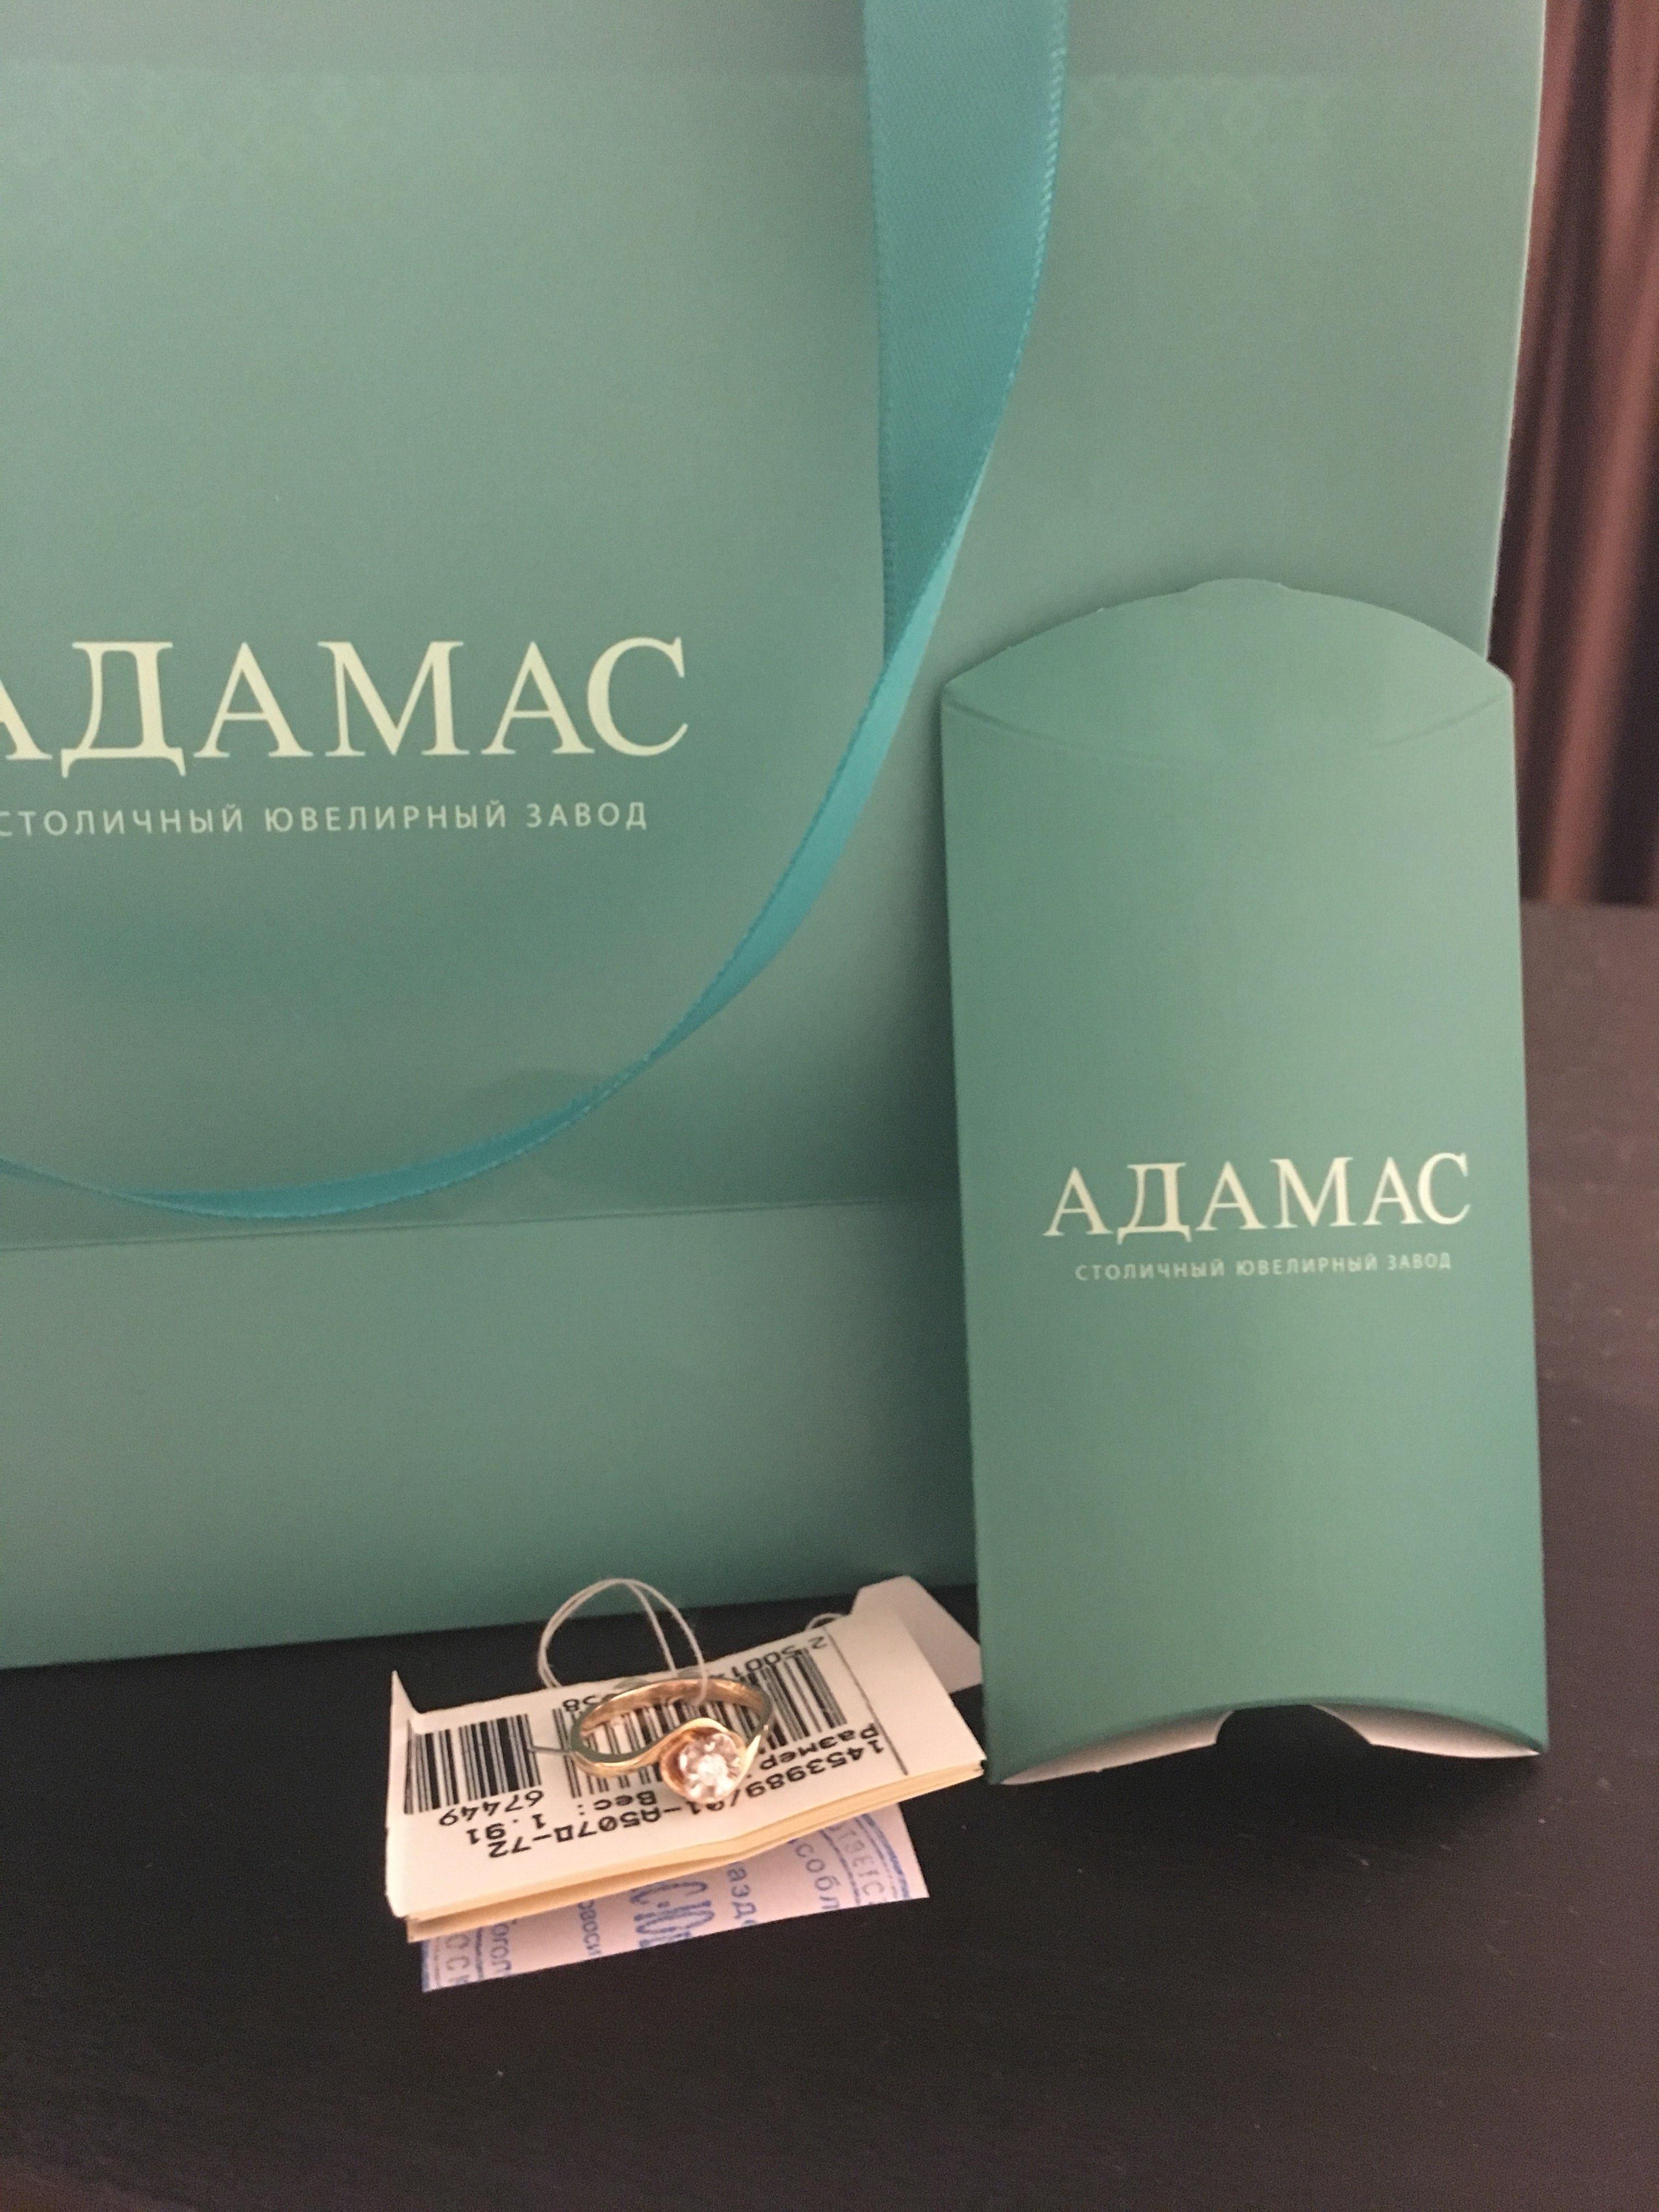 Адамас, сеть ювелирных магазинов в Новосибирске — отзыв и оценка — Нахалка 4f46d637cd9